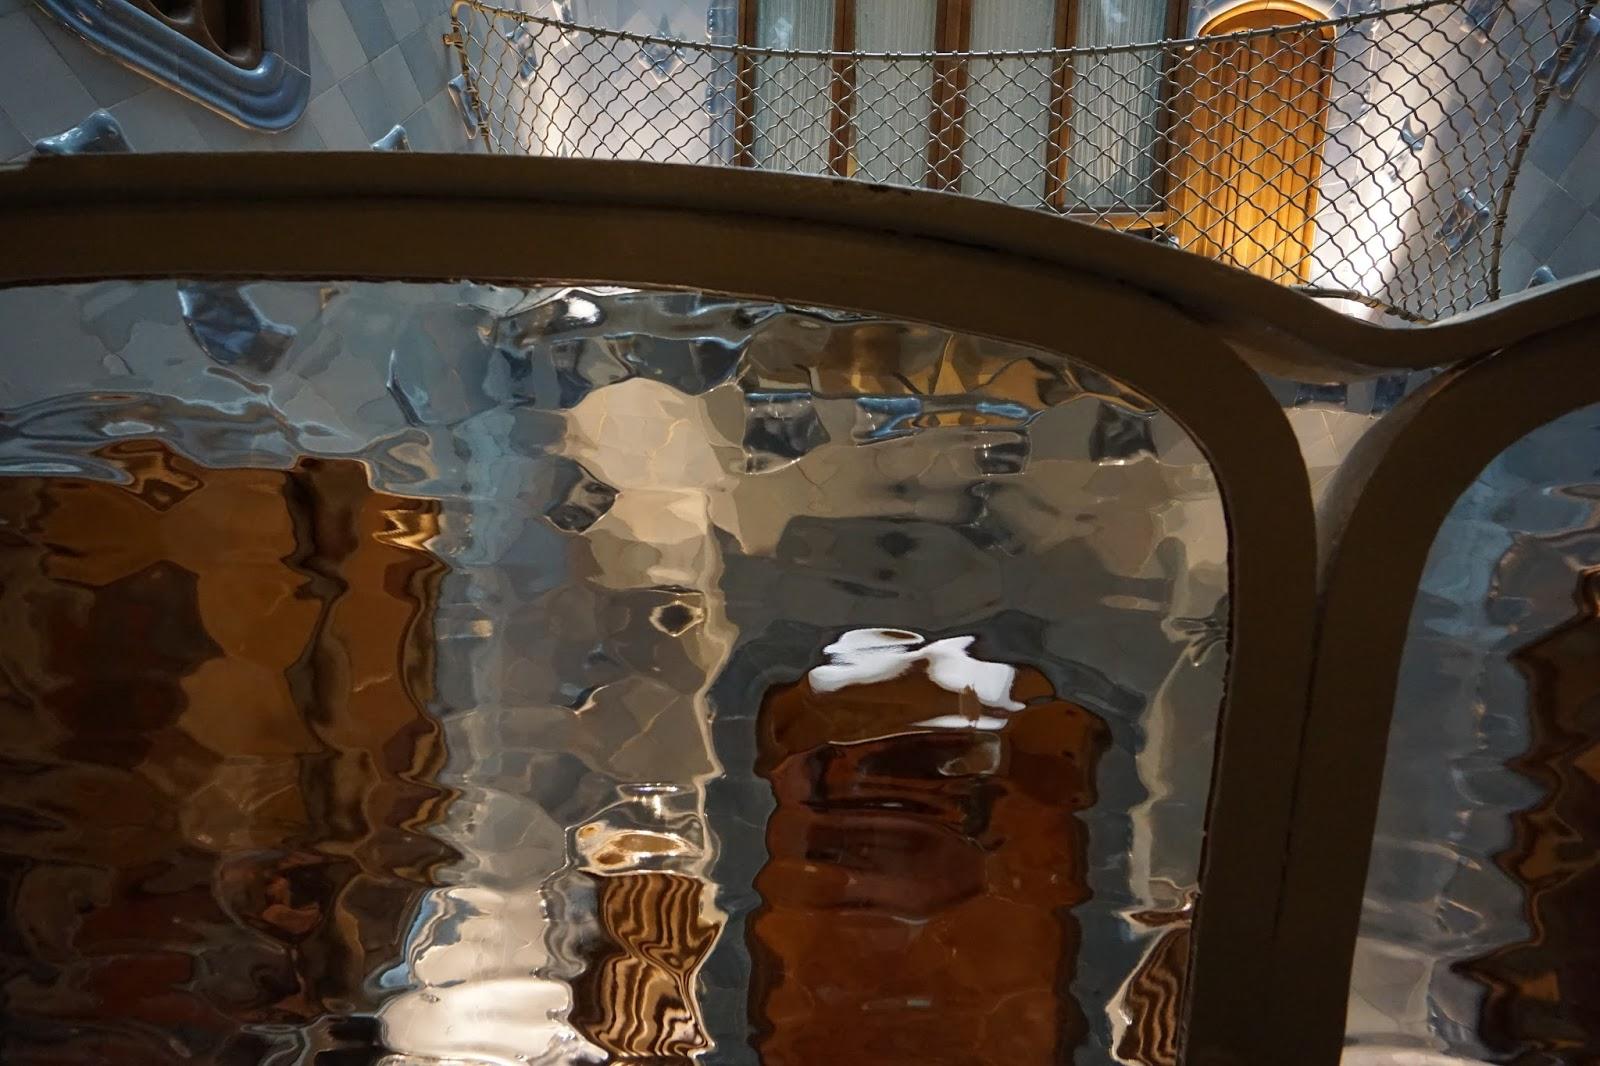 カサ・バトリョ(Casa Batlló) 吹き抜け部分の手すり